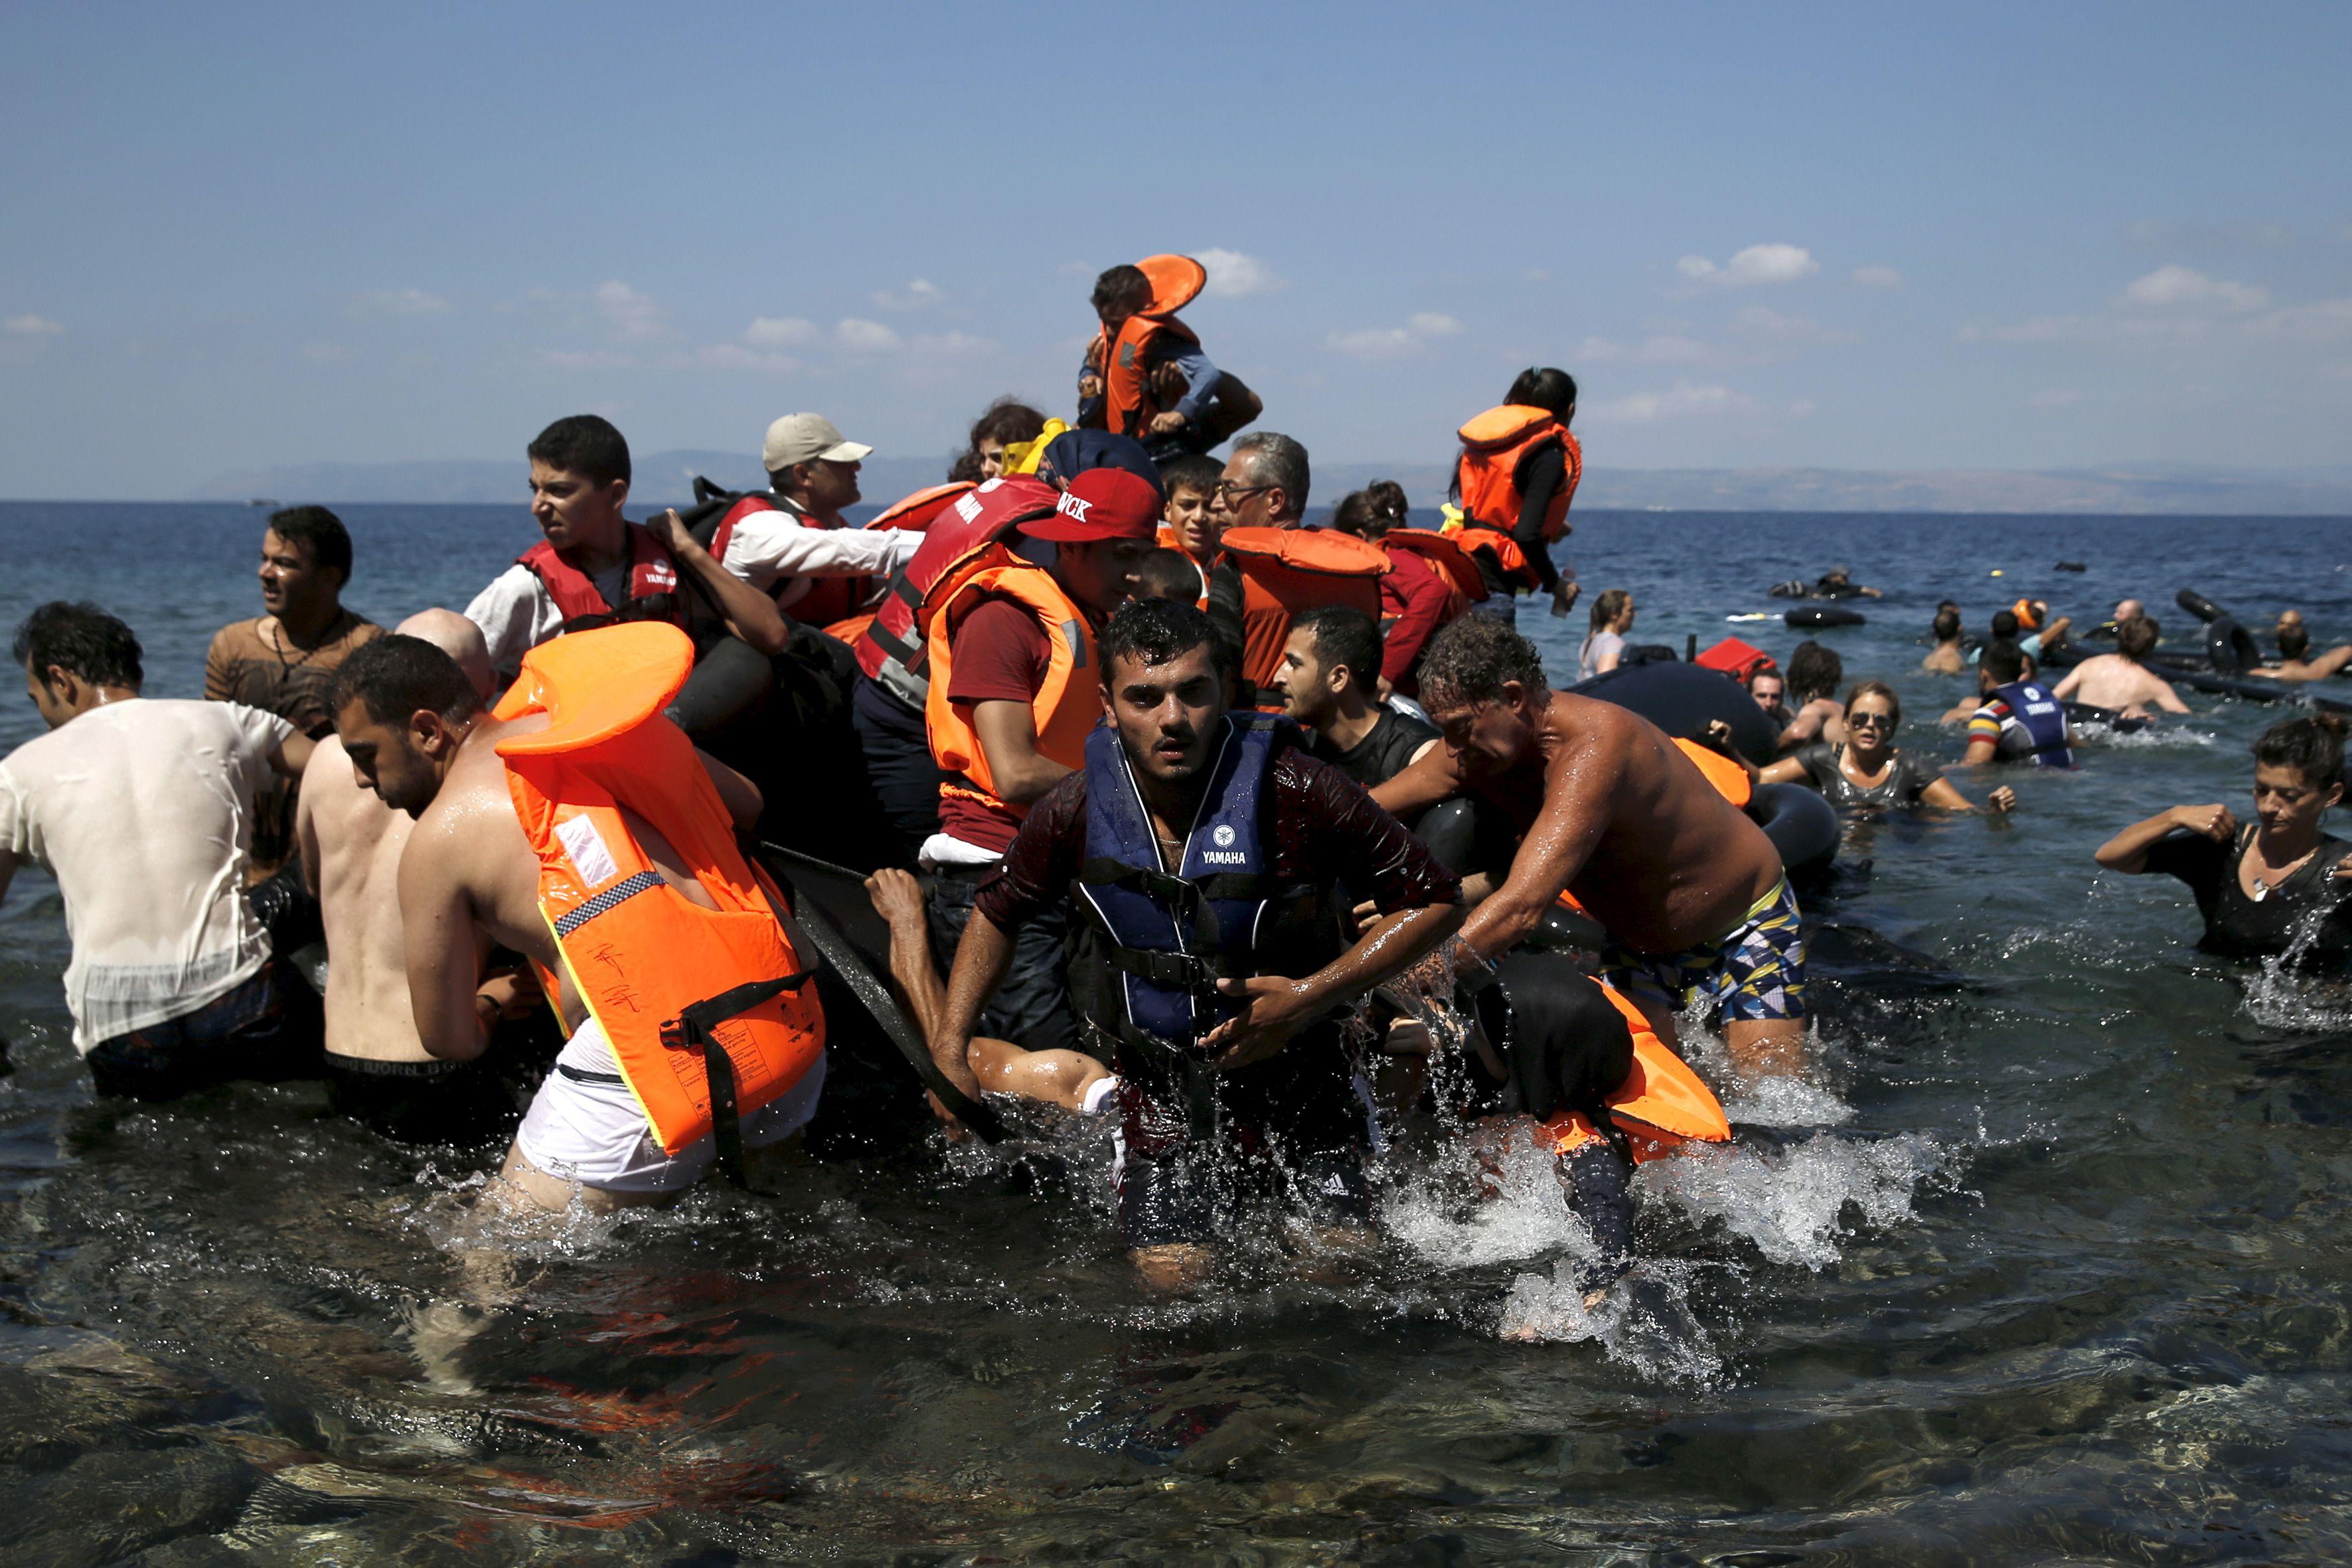 Un précédent naufrage, au large de la Grèce